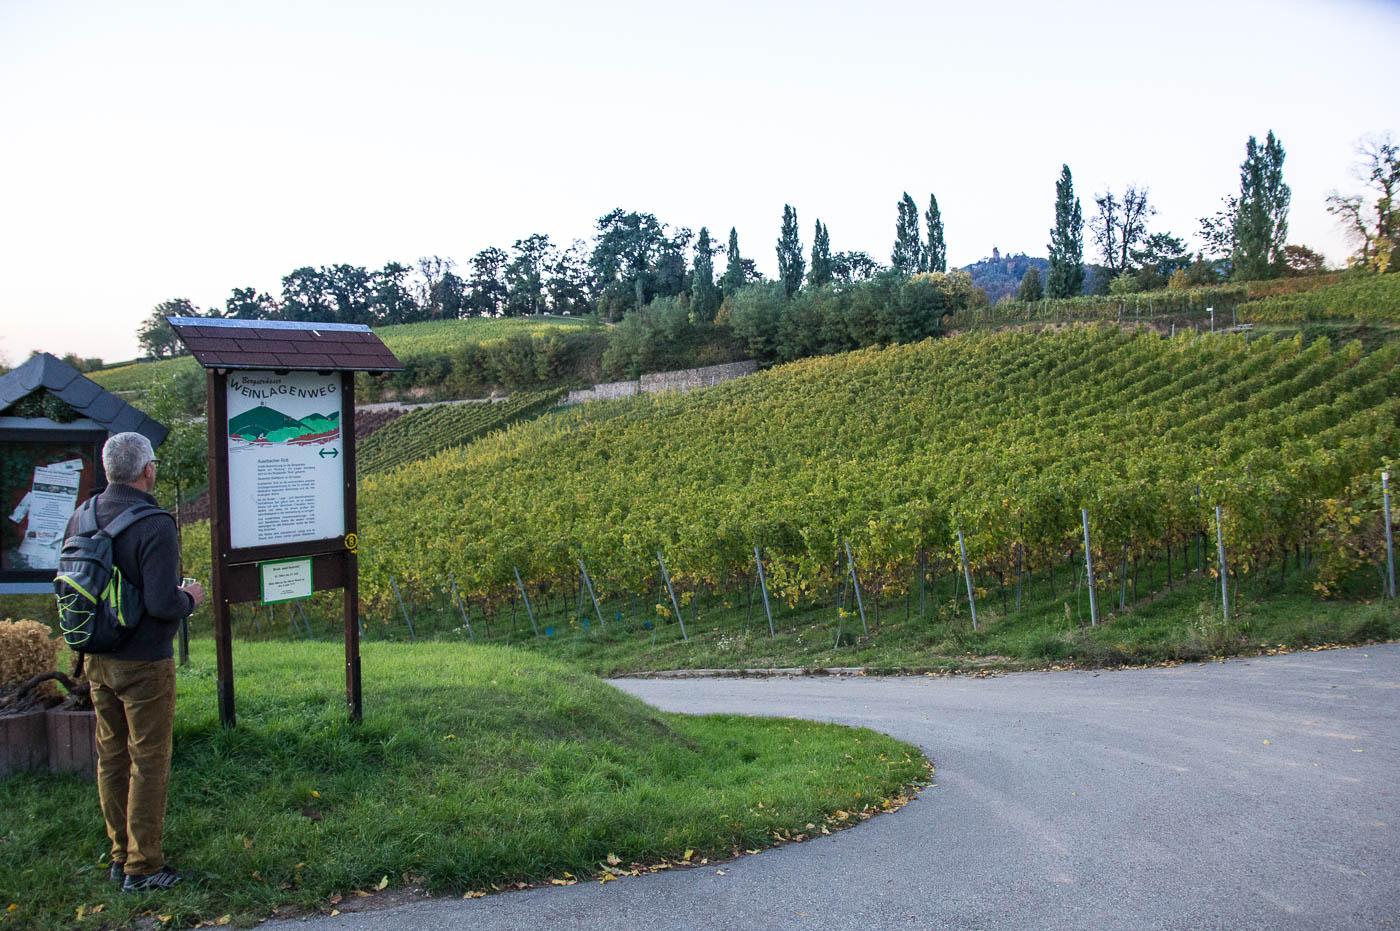 Weinprobe Hessische Bergstraße im Weinberg (22 von 24)